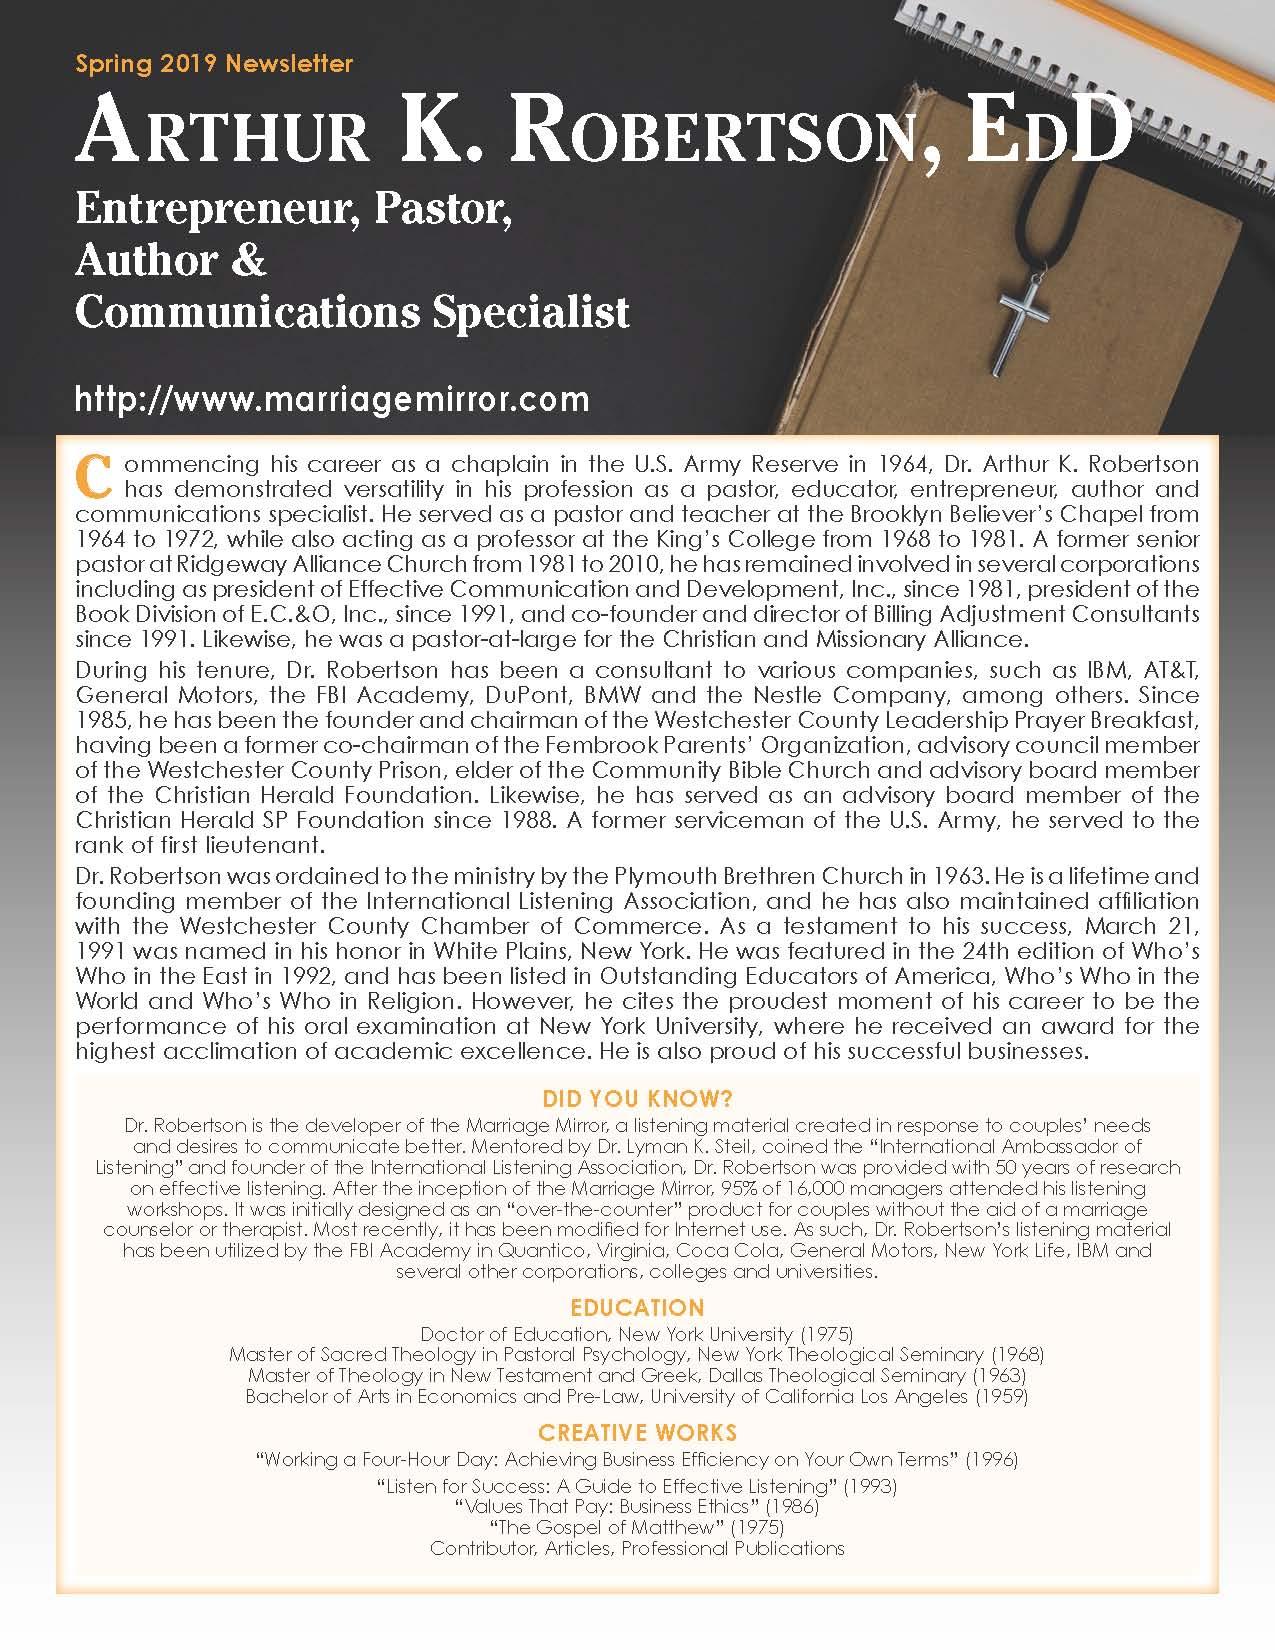 Robertson, Arthur 4404989_21747853 Newsletter.jpg